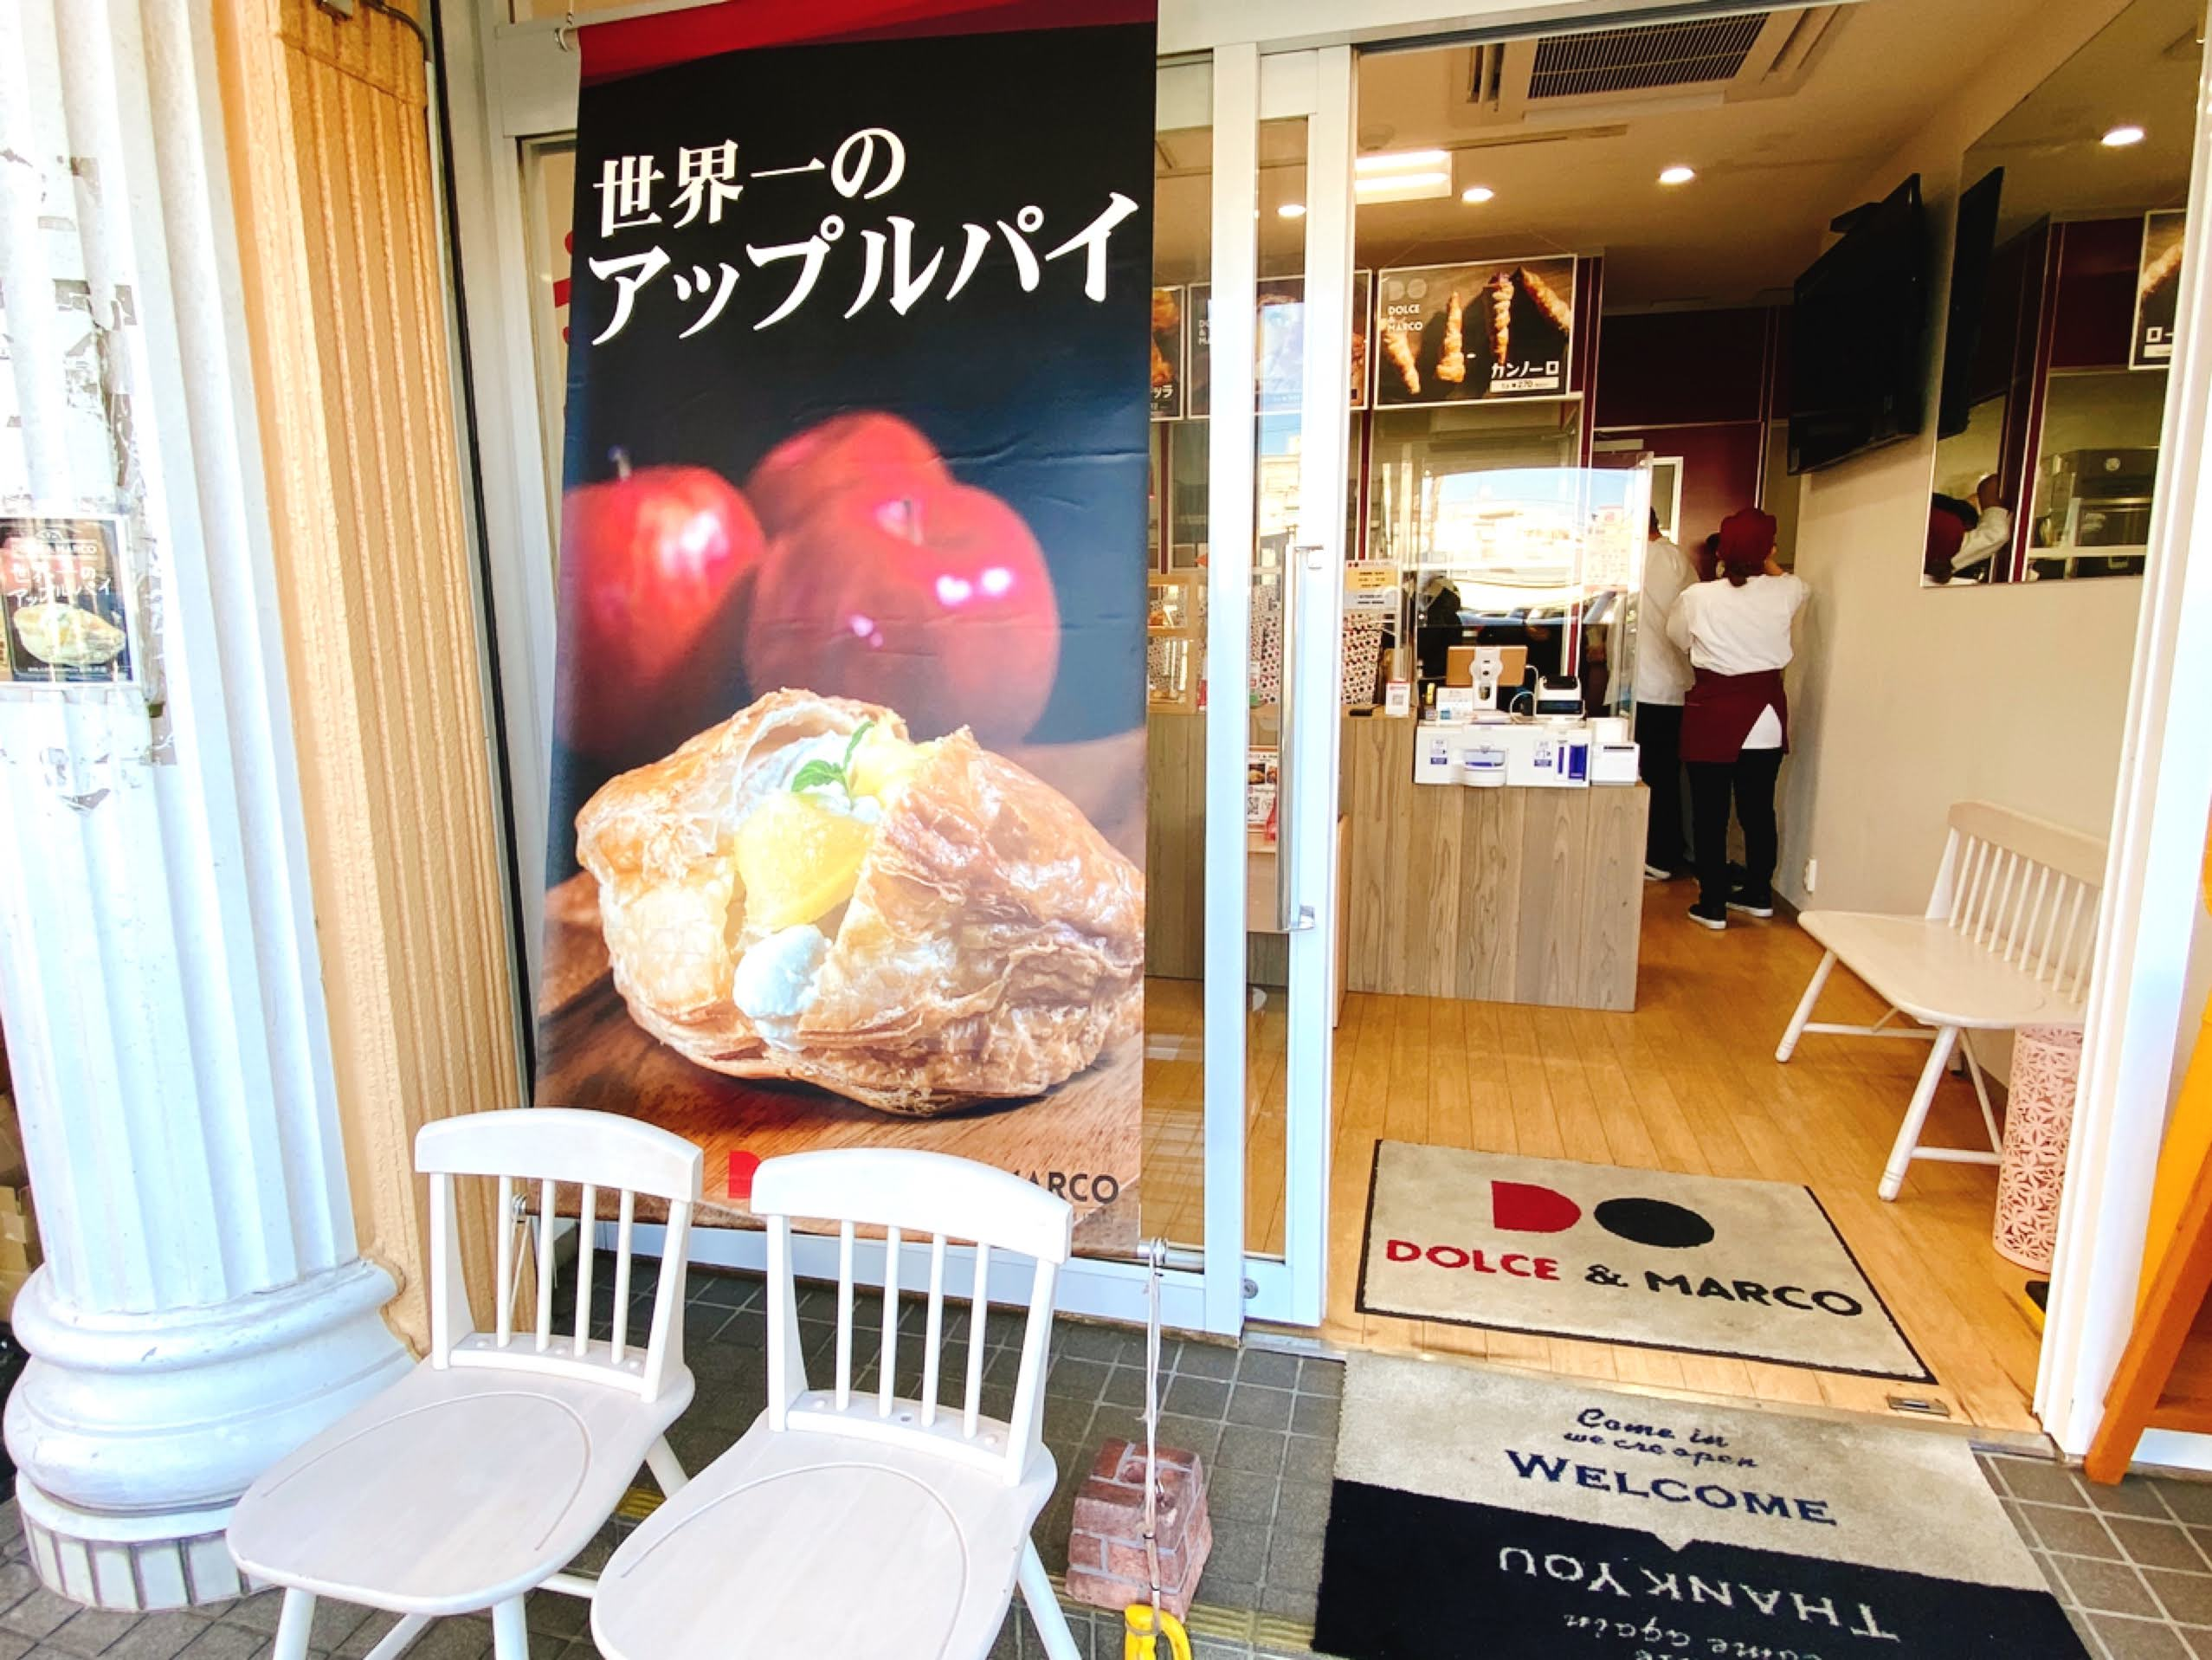 【駅チカ】ドルチェ&マルコ 新所沢 世界一のアップルパイで買って食べてみた【テイクアウト】